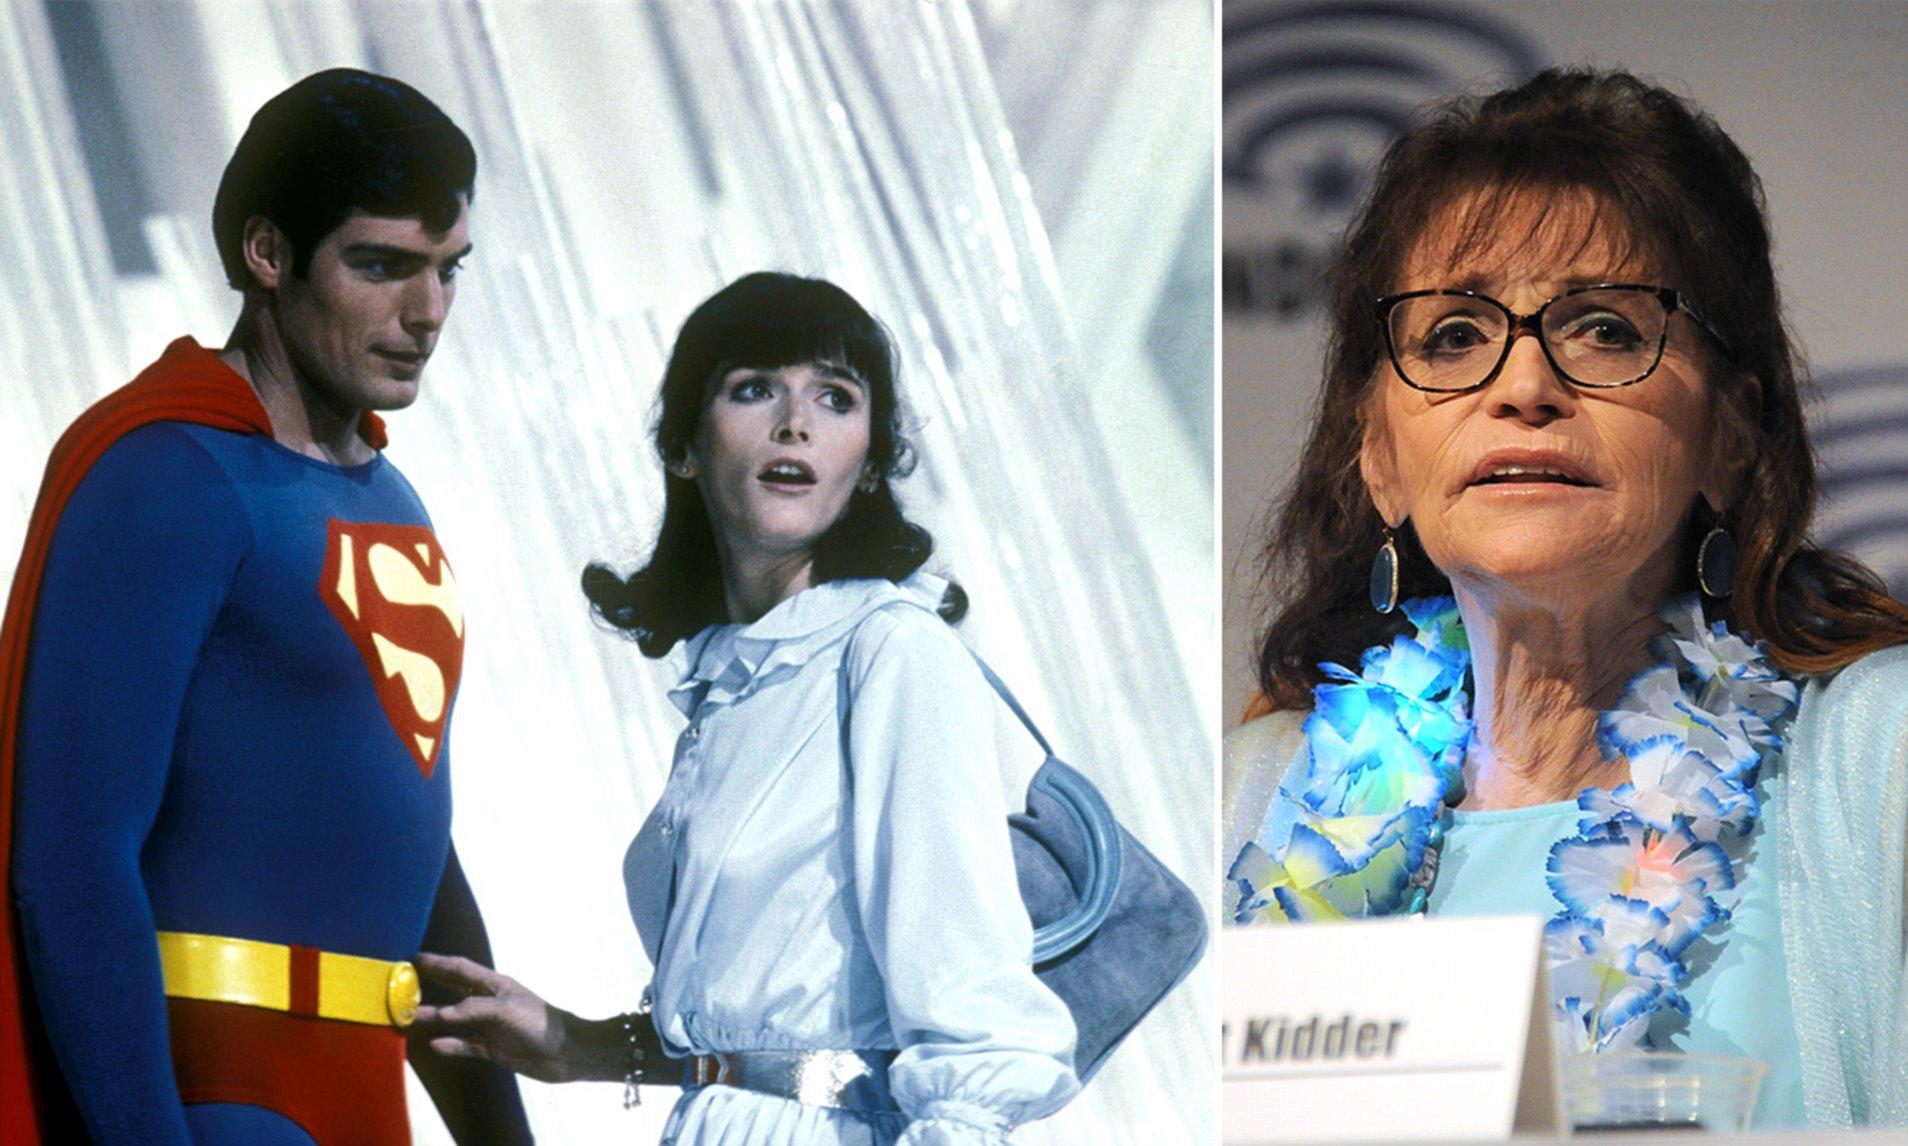 Superman: Margot Kidder (Lois), il successo, la diagnosi di disturbo bipolare e il suicidio nel 2018